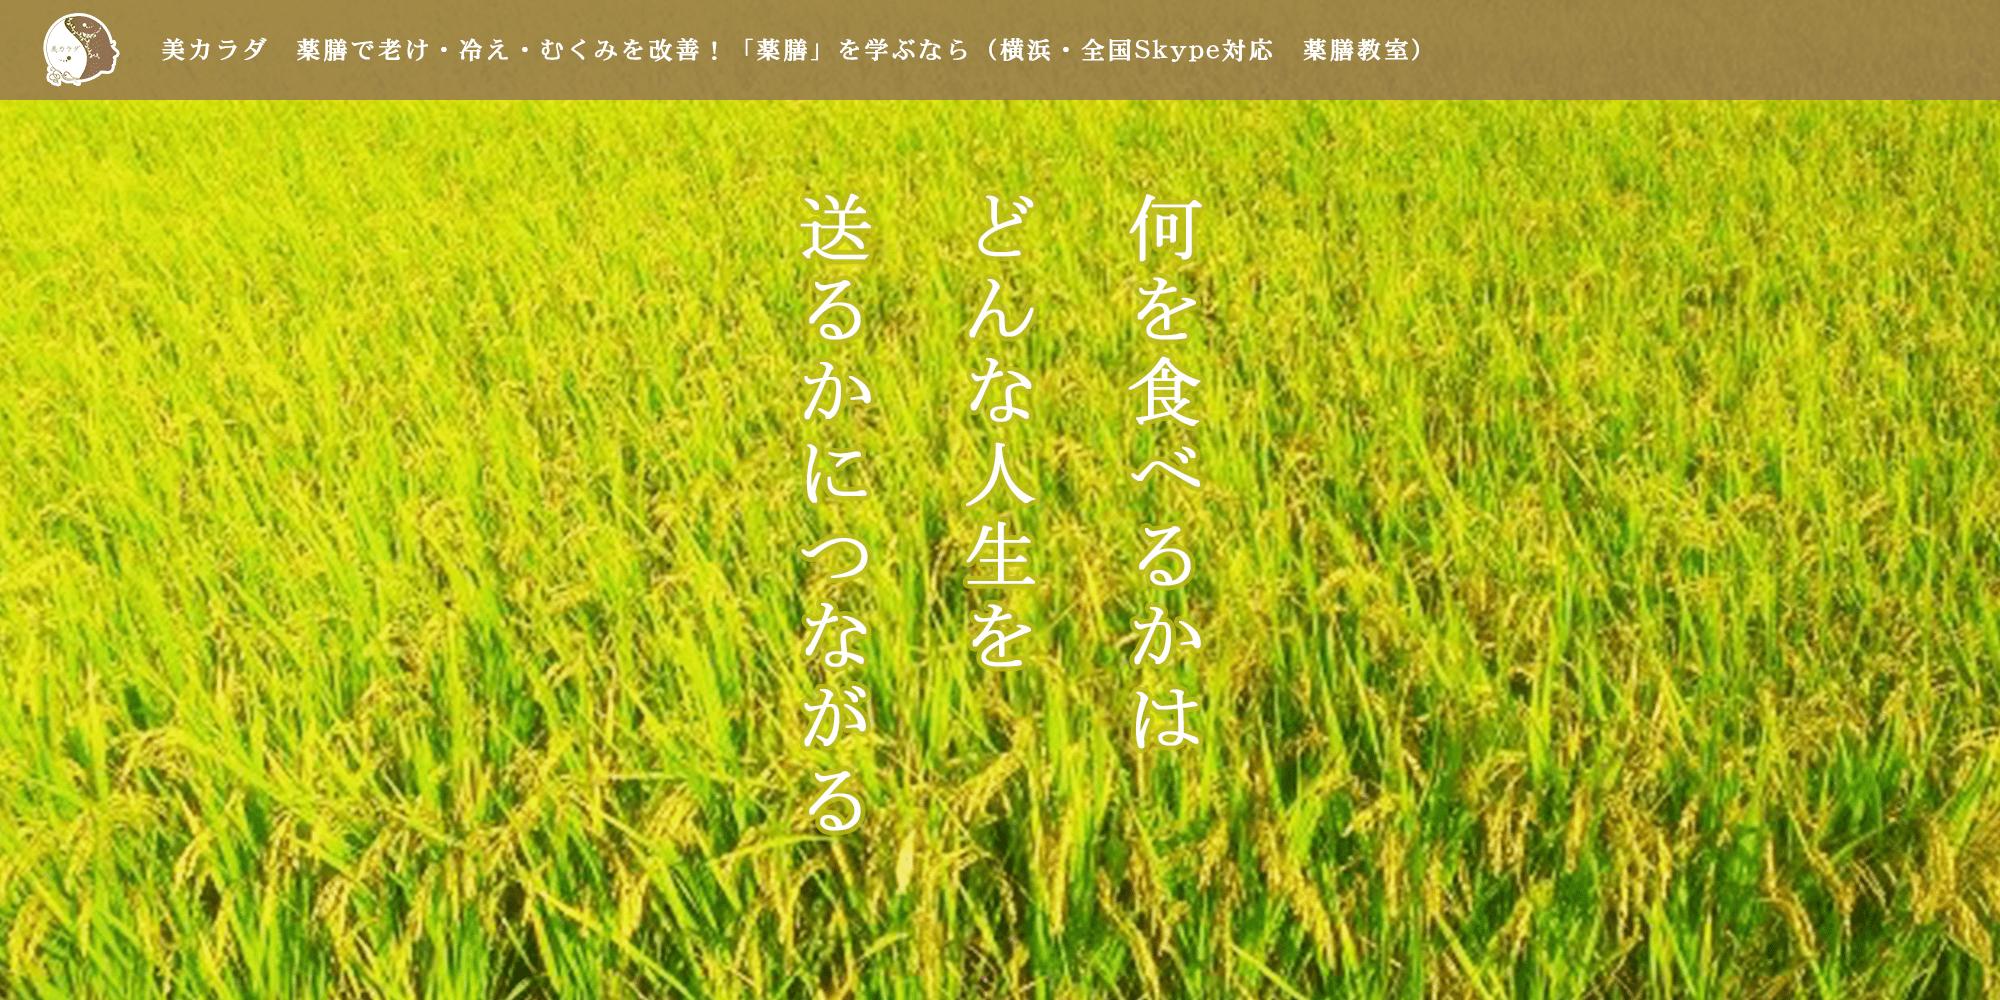 横浜・鎌倉・オンラインで薬膳を学ぶなら薬膳教室「美カラダ」